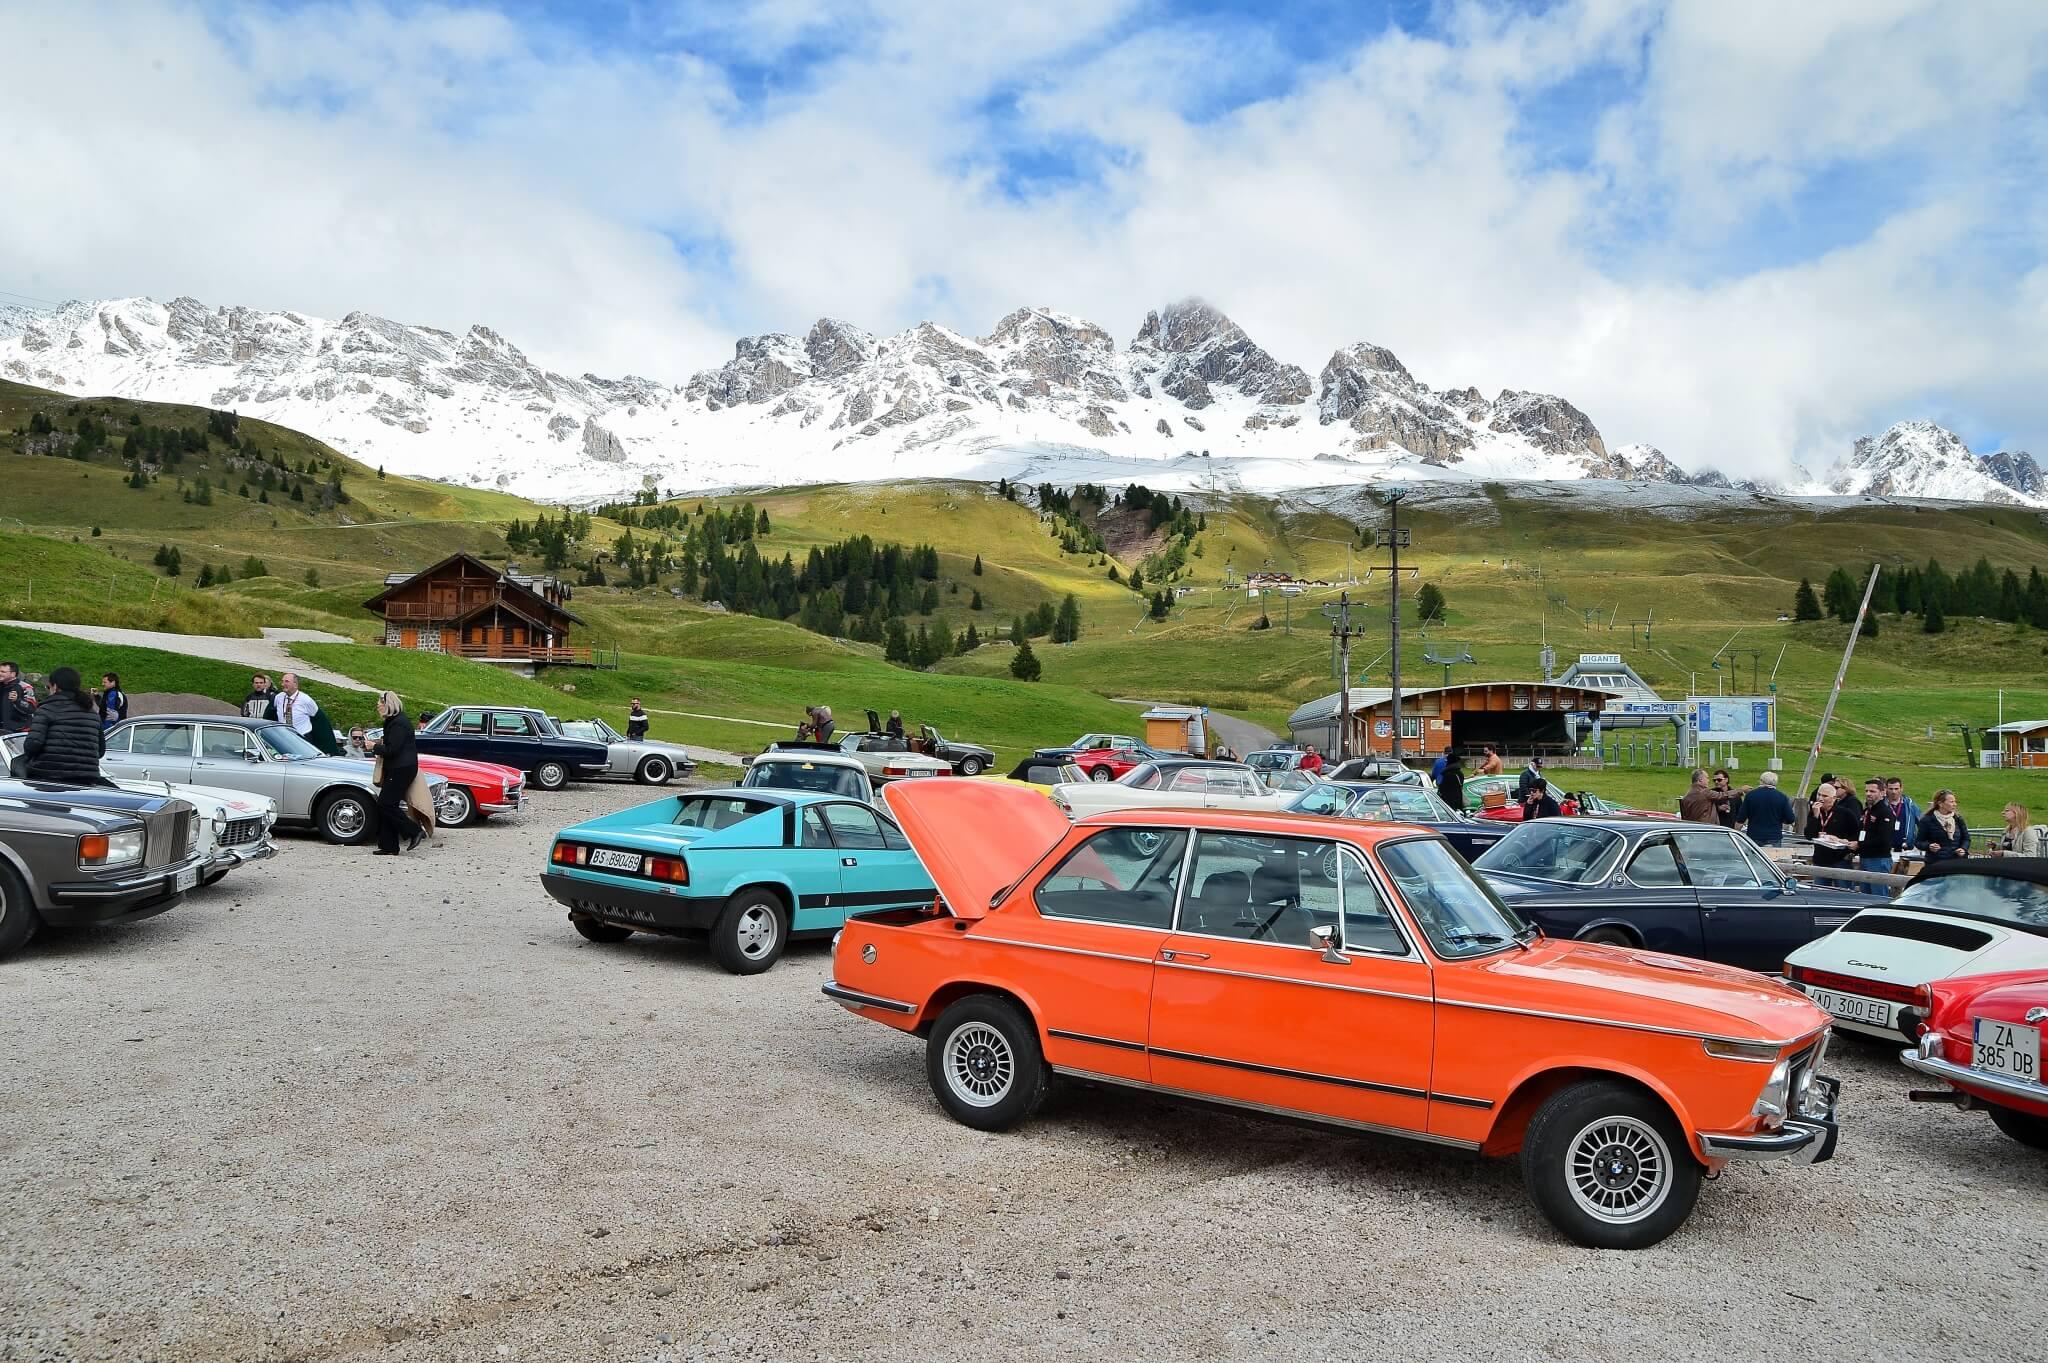 Bild auf Oldtimer mit Bergen im Hintergrund